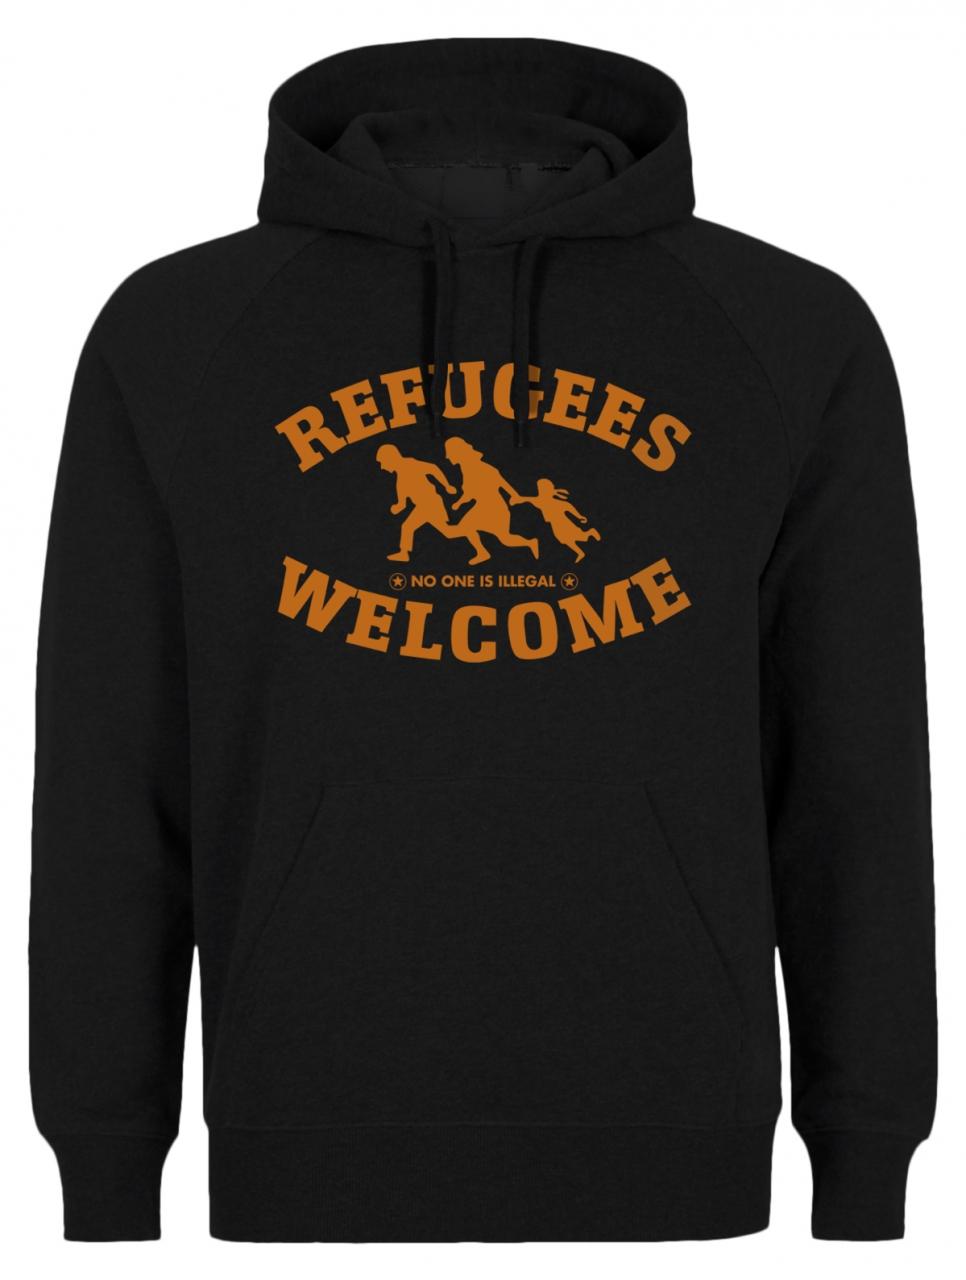 Refugees welcome Hoody Schwarz mit orangener Aufschrift - No one is illegal